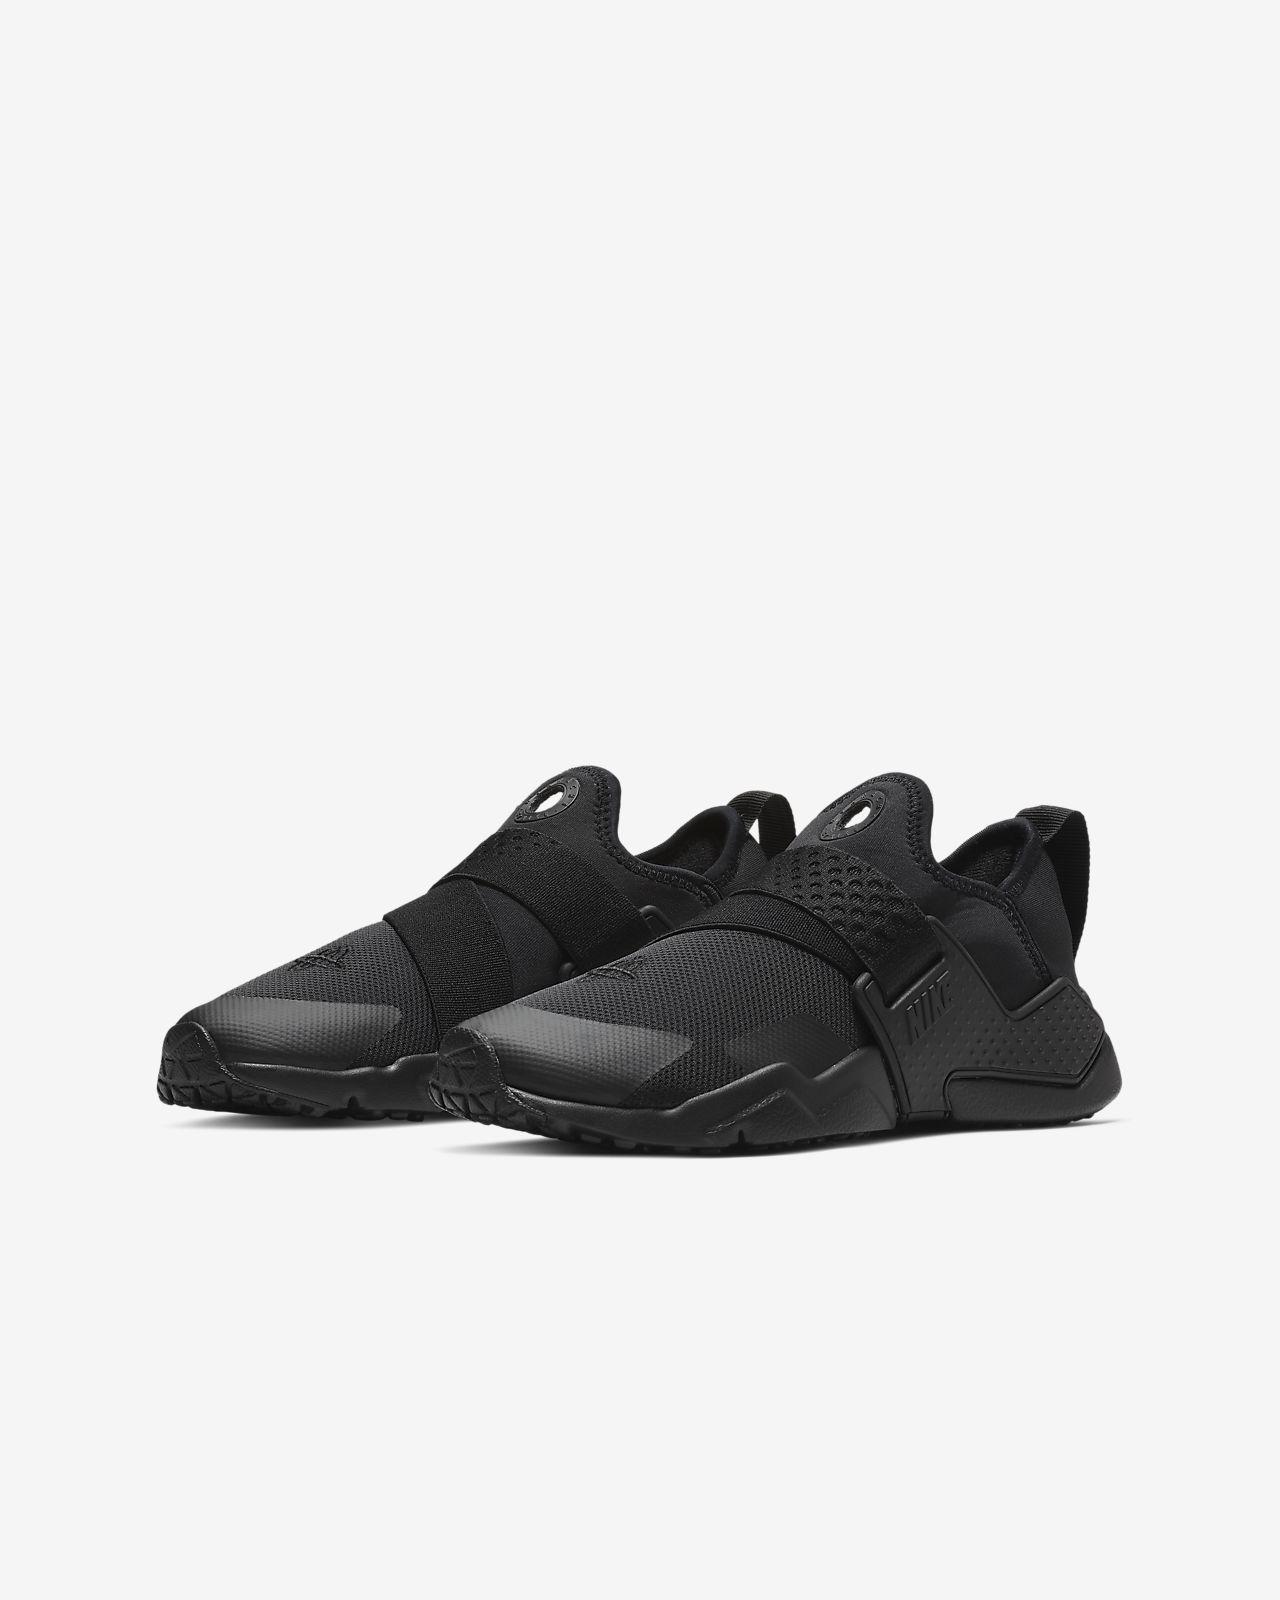 sports shoes 36a50 2cf19 ... Nike Huarache Extreme Big Kids  Shoe